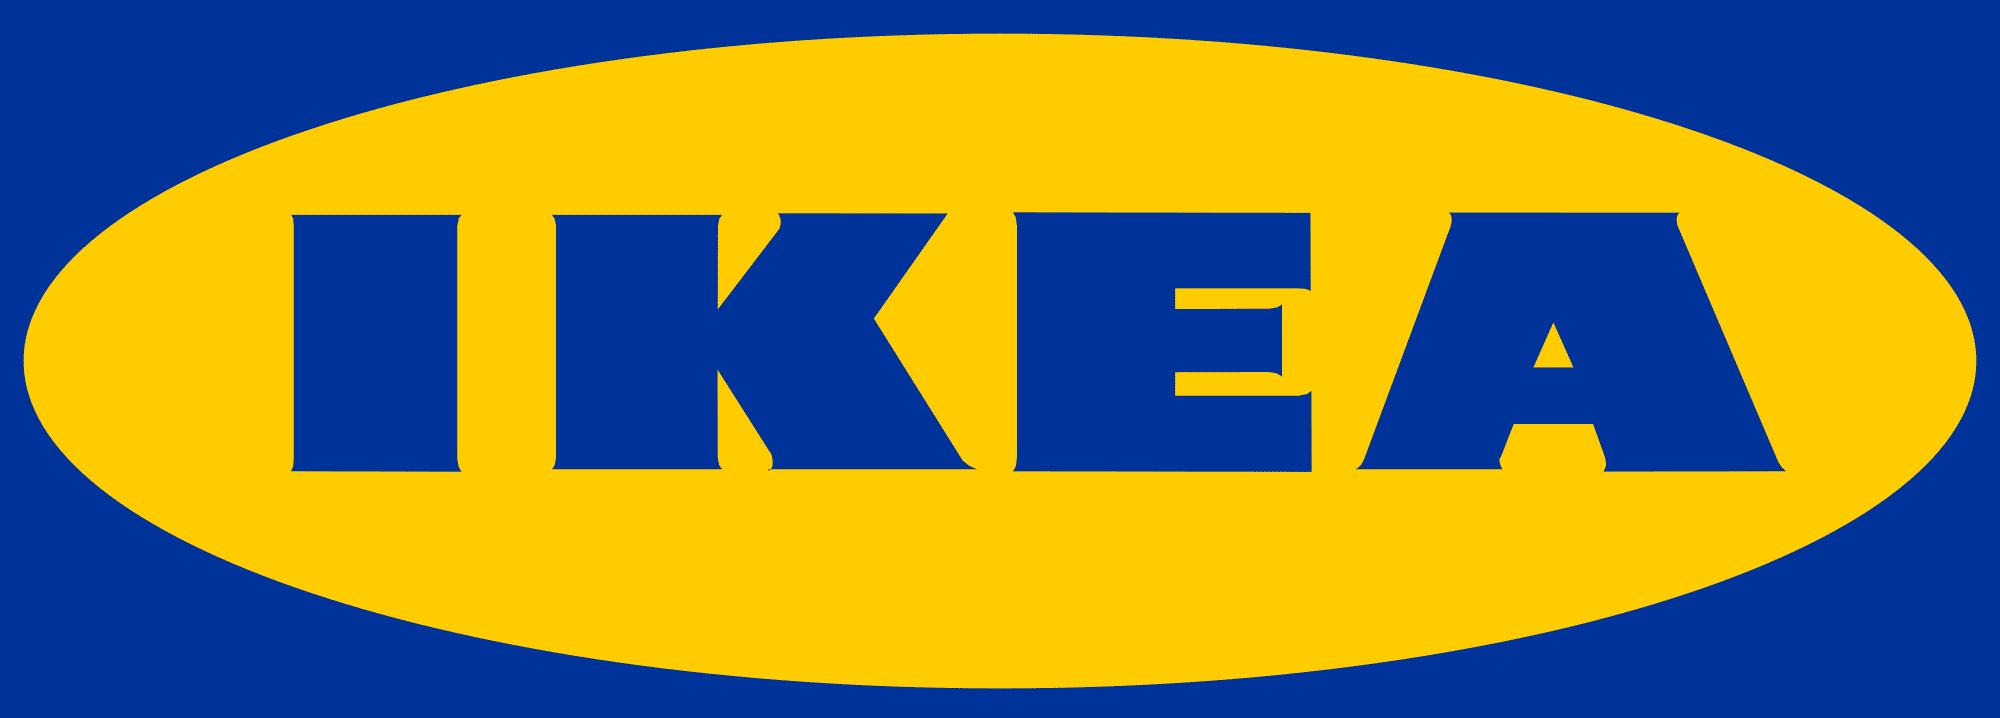 Servizio Assistenza Clienti Ikea